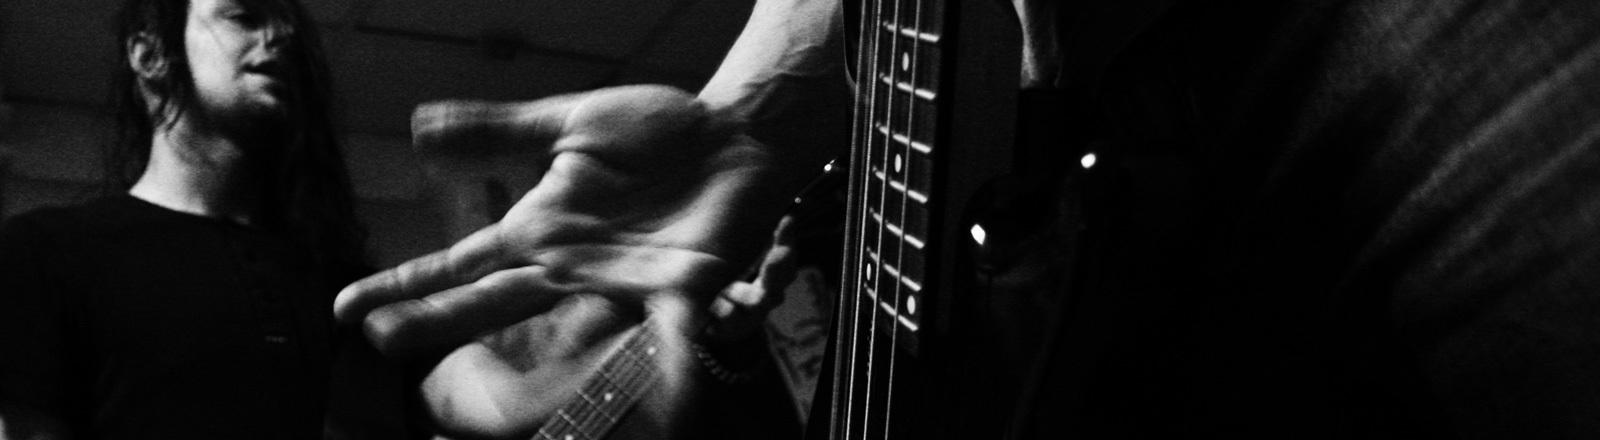 Musik machen, Gitarre spielen, proben